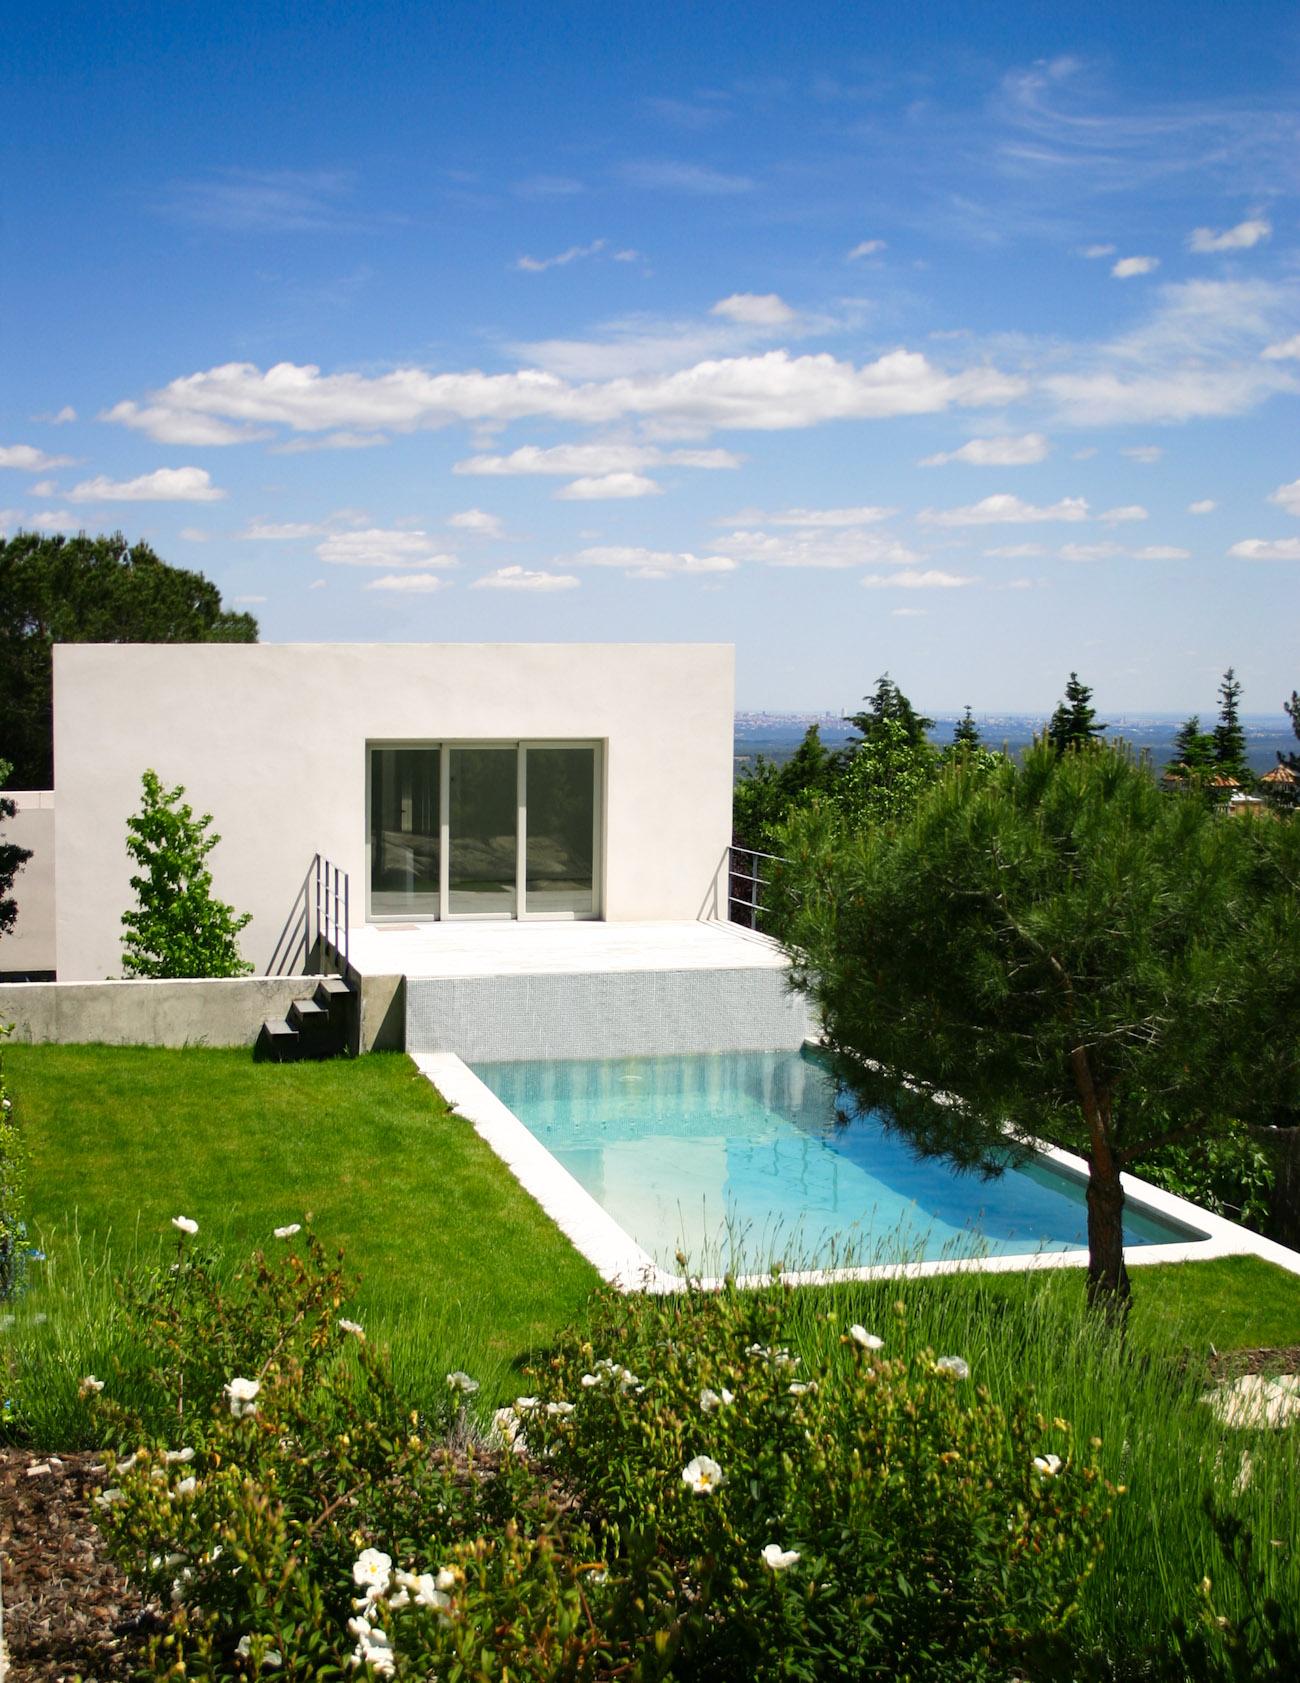 vista de una casa ÁBATON con su jardín y piscina